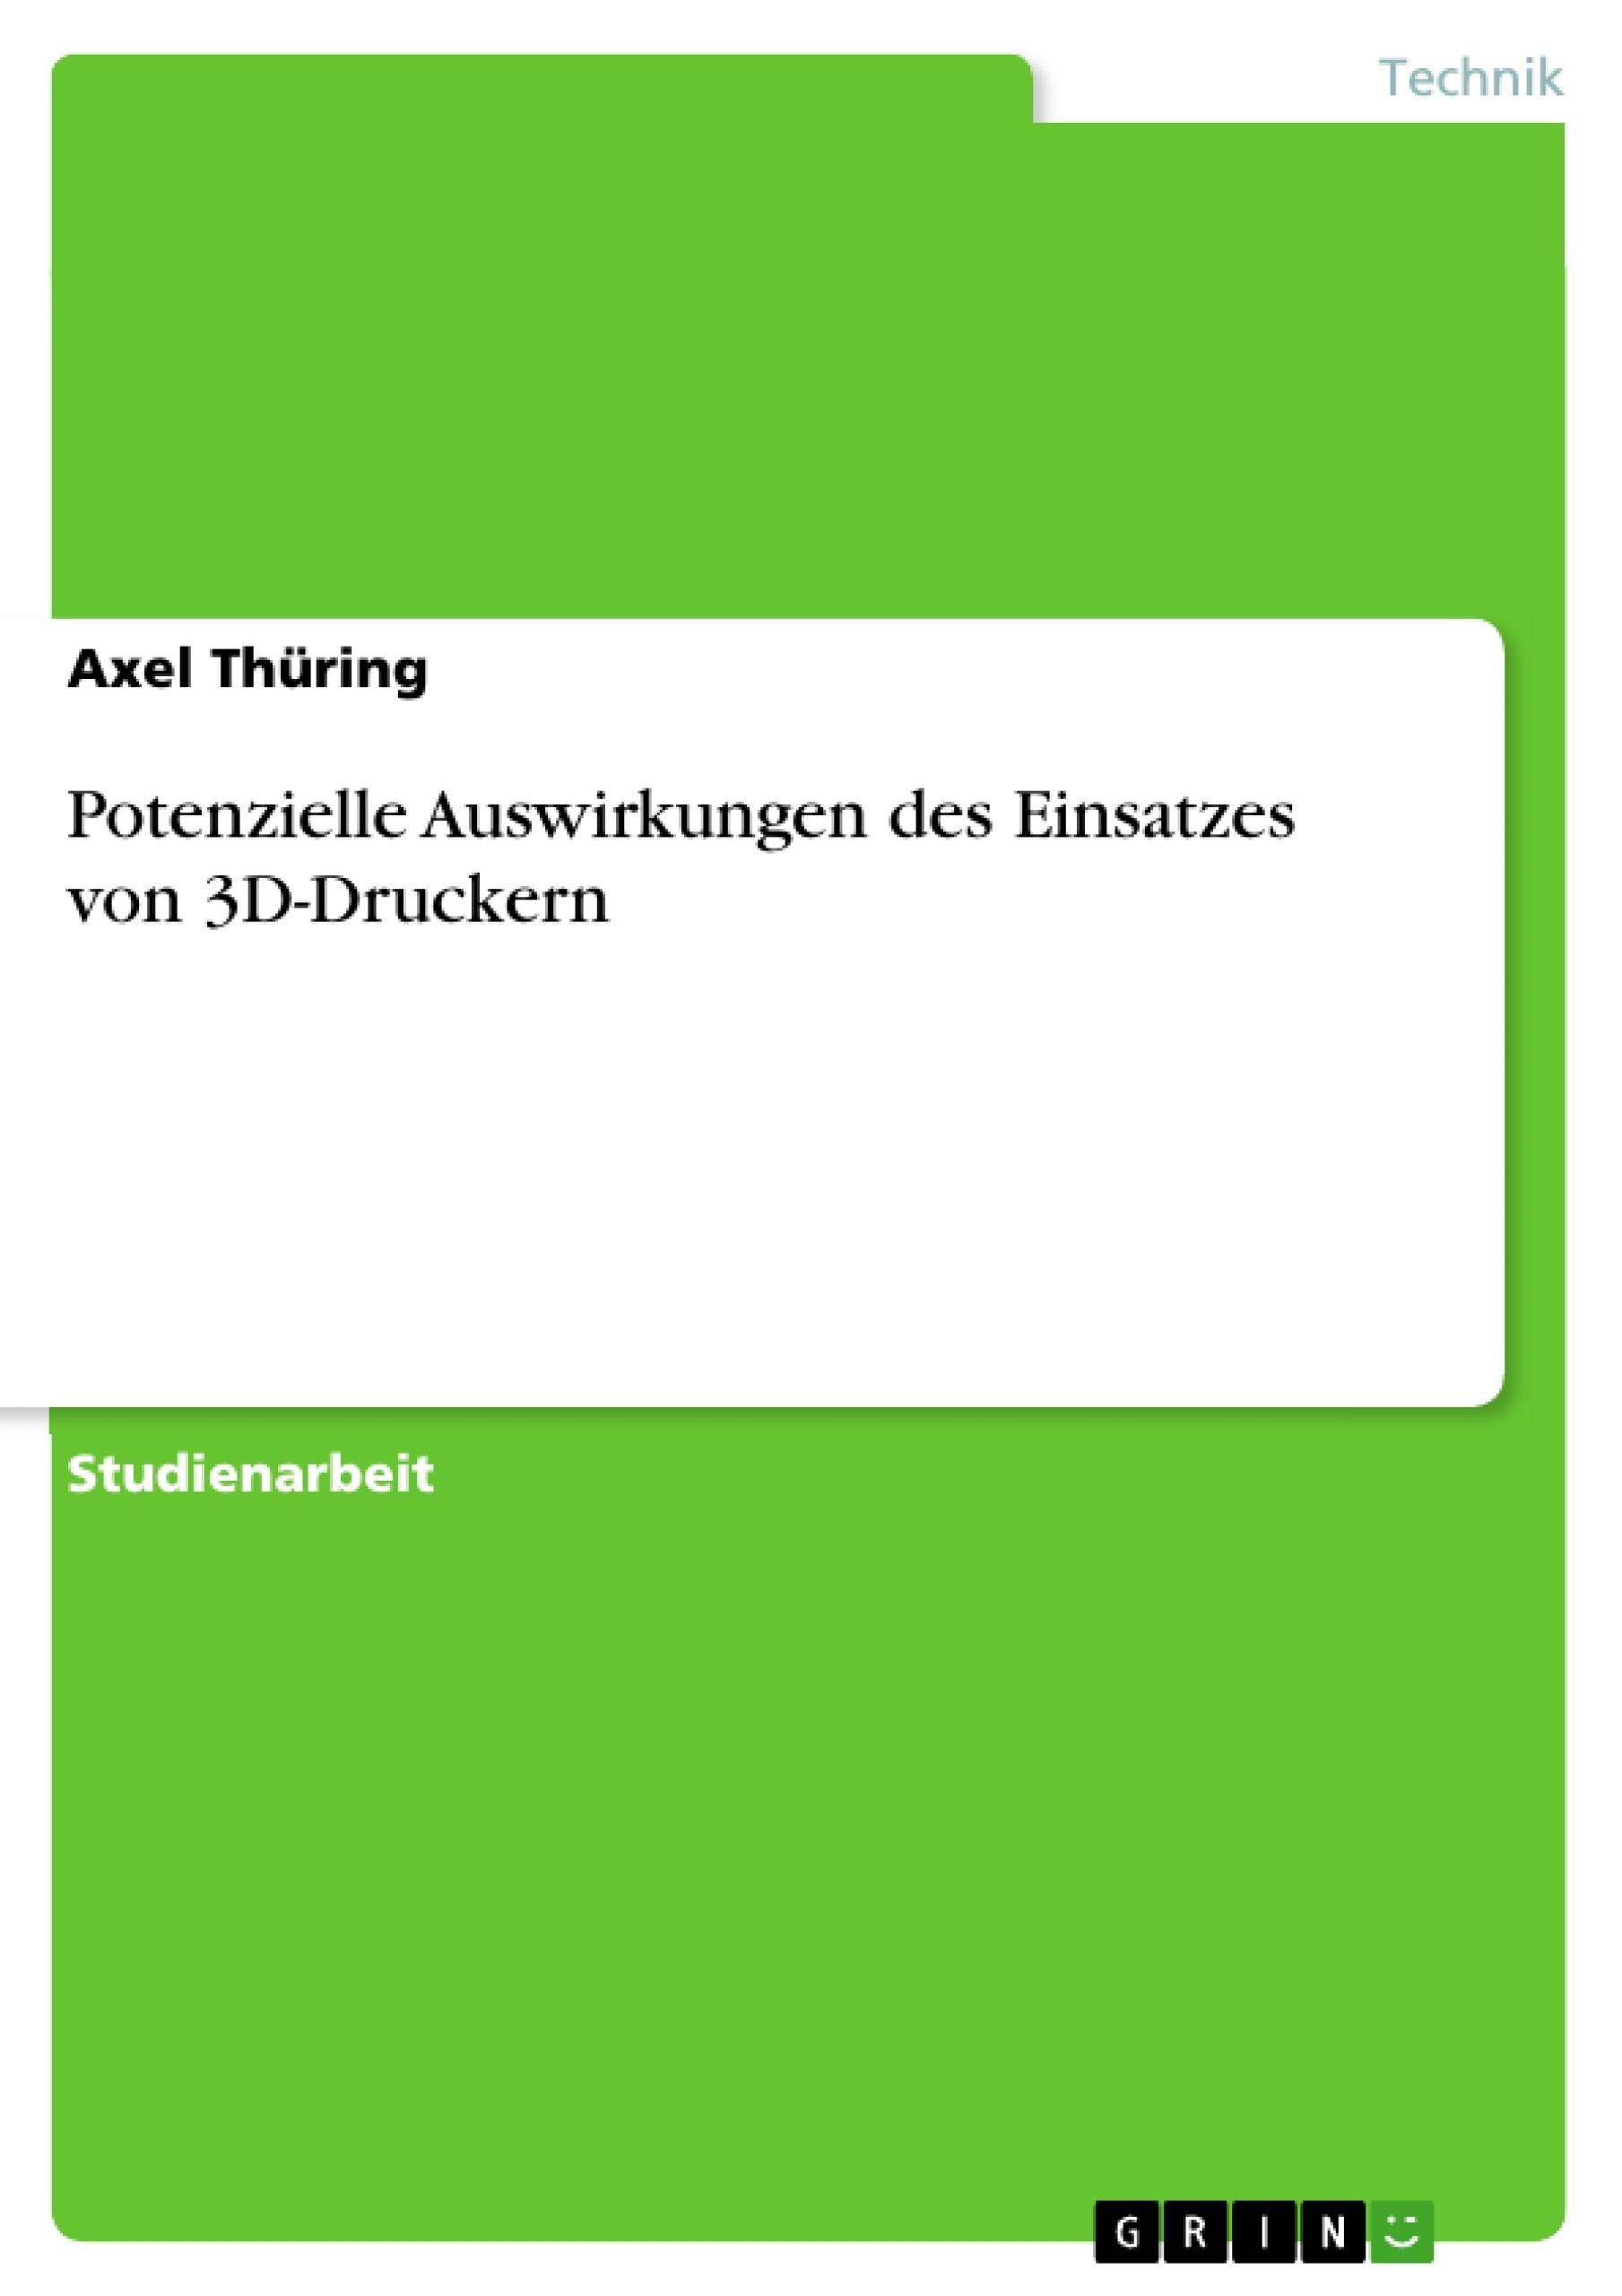 Titel: Potenzielle Auswirkungen des Einsatzes von 3D-Druckern